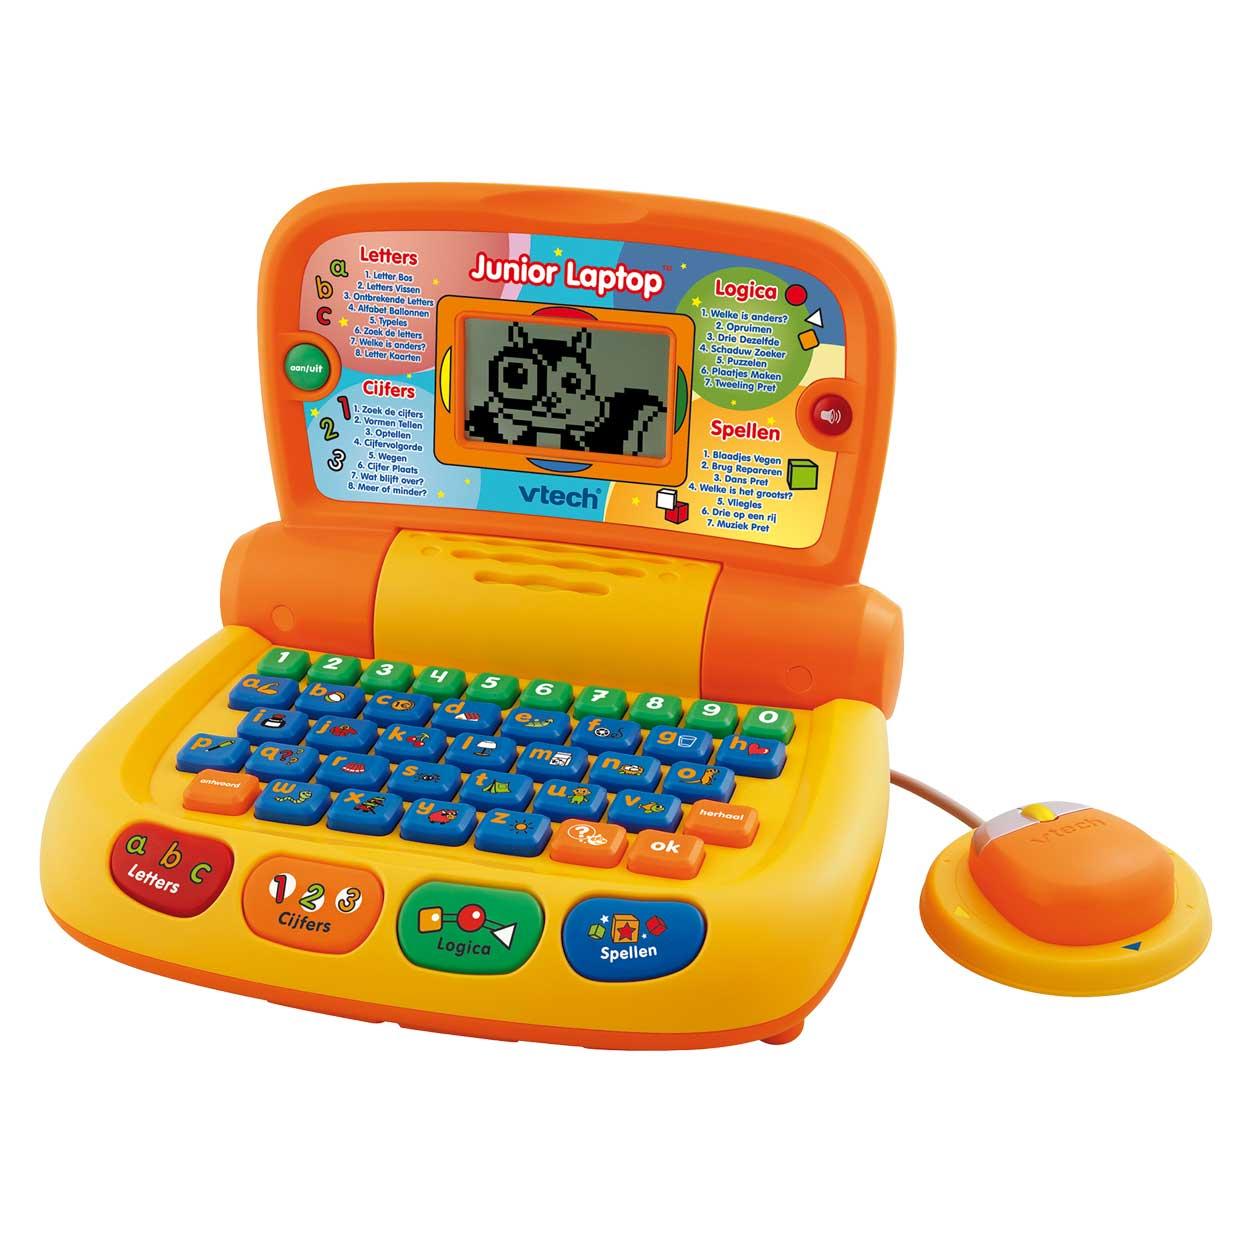 Ongebruikt VTech Junior Laptop online kopen | Lobbes Speelgoed FT-53